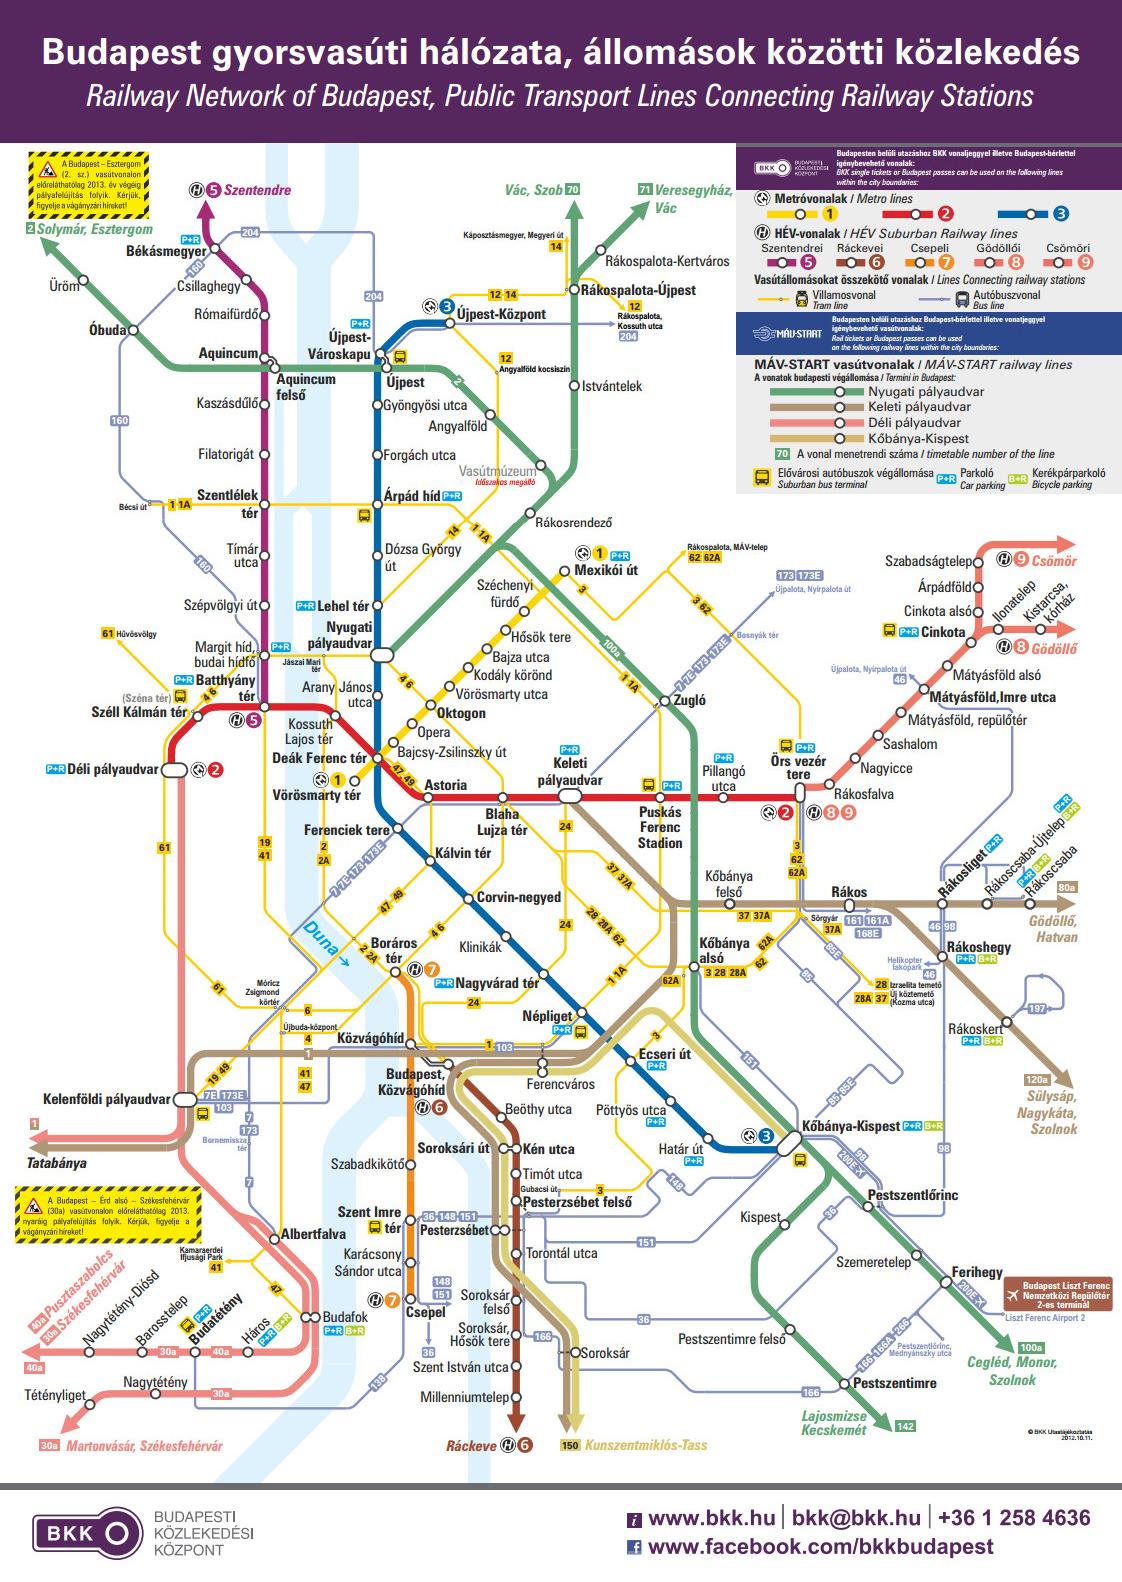 villamos térkép budapest IHO   Közút   Budapesti spagetti BKK módra villamos térkép budapest